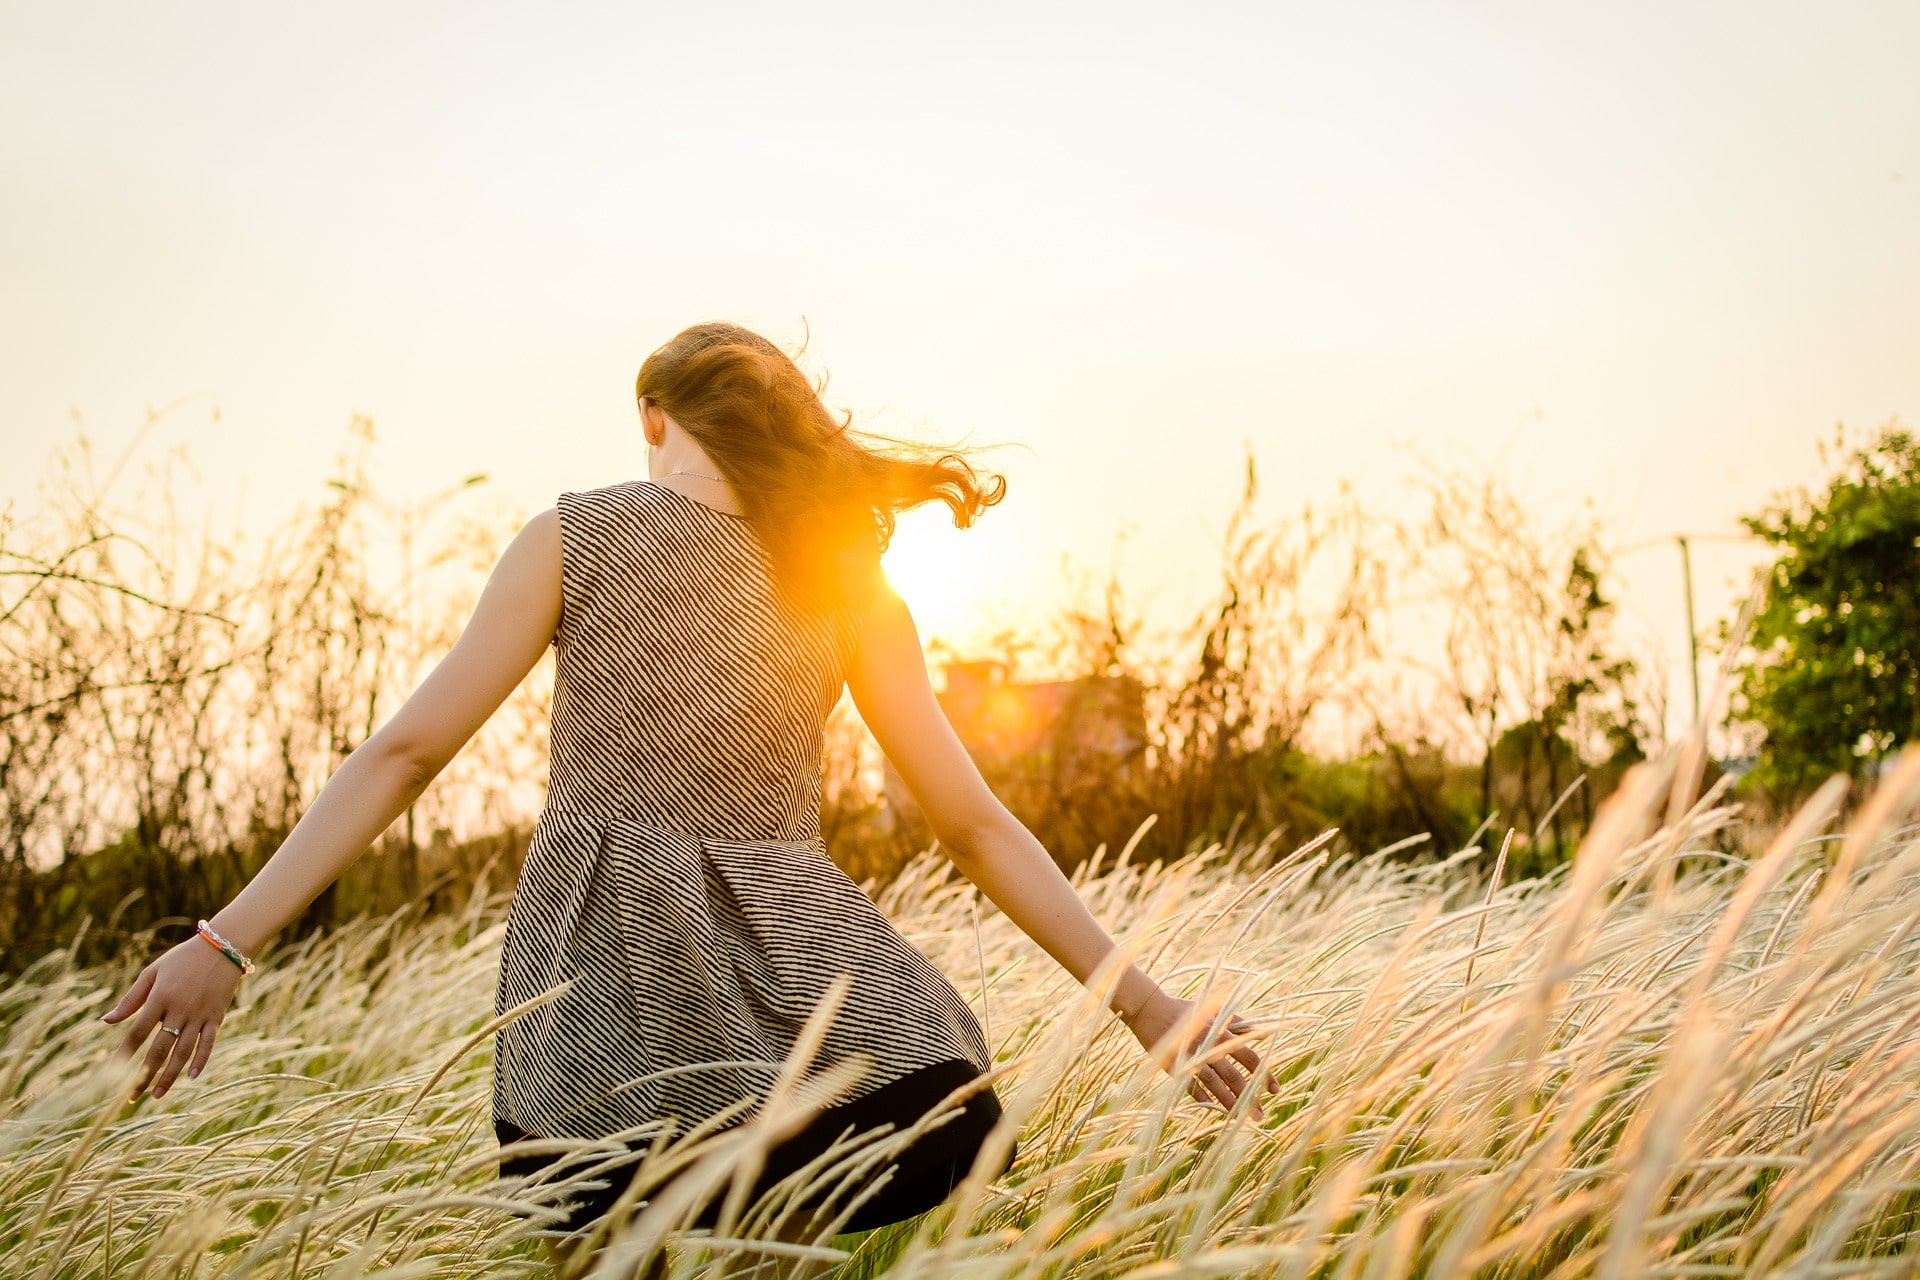 幸せそうに歩く女性の姿